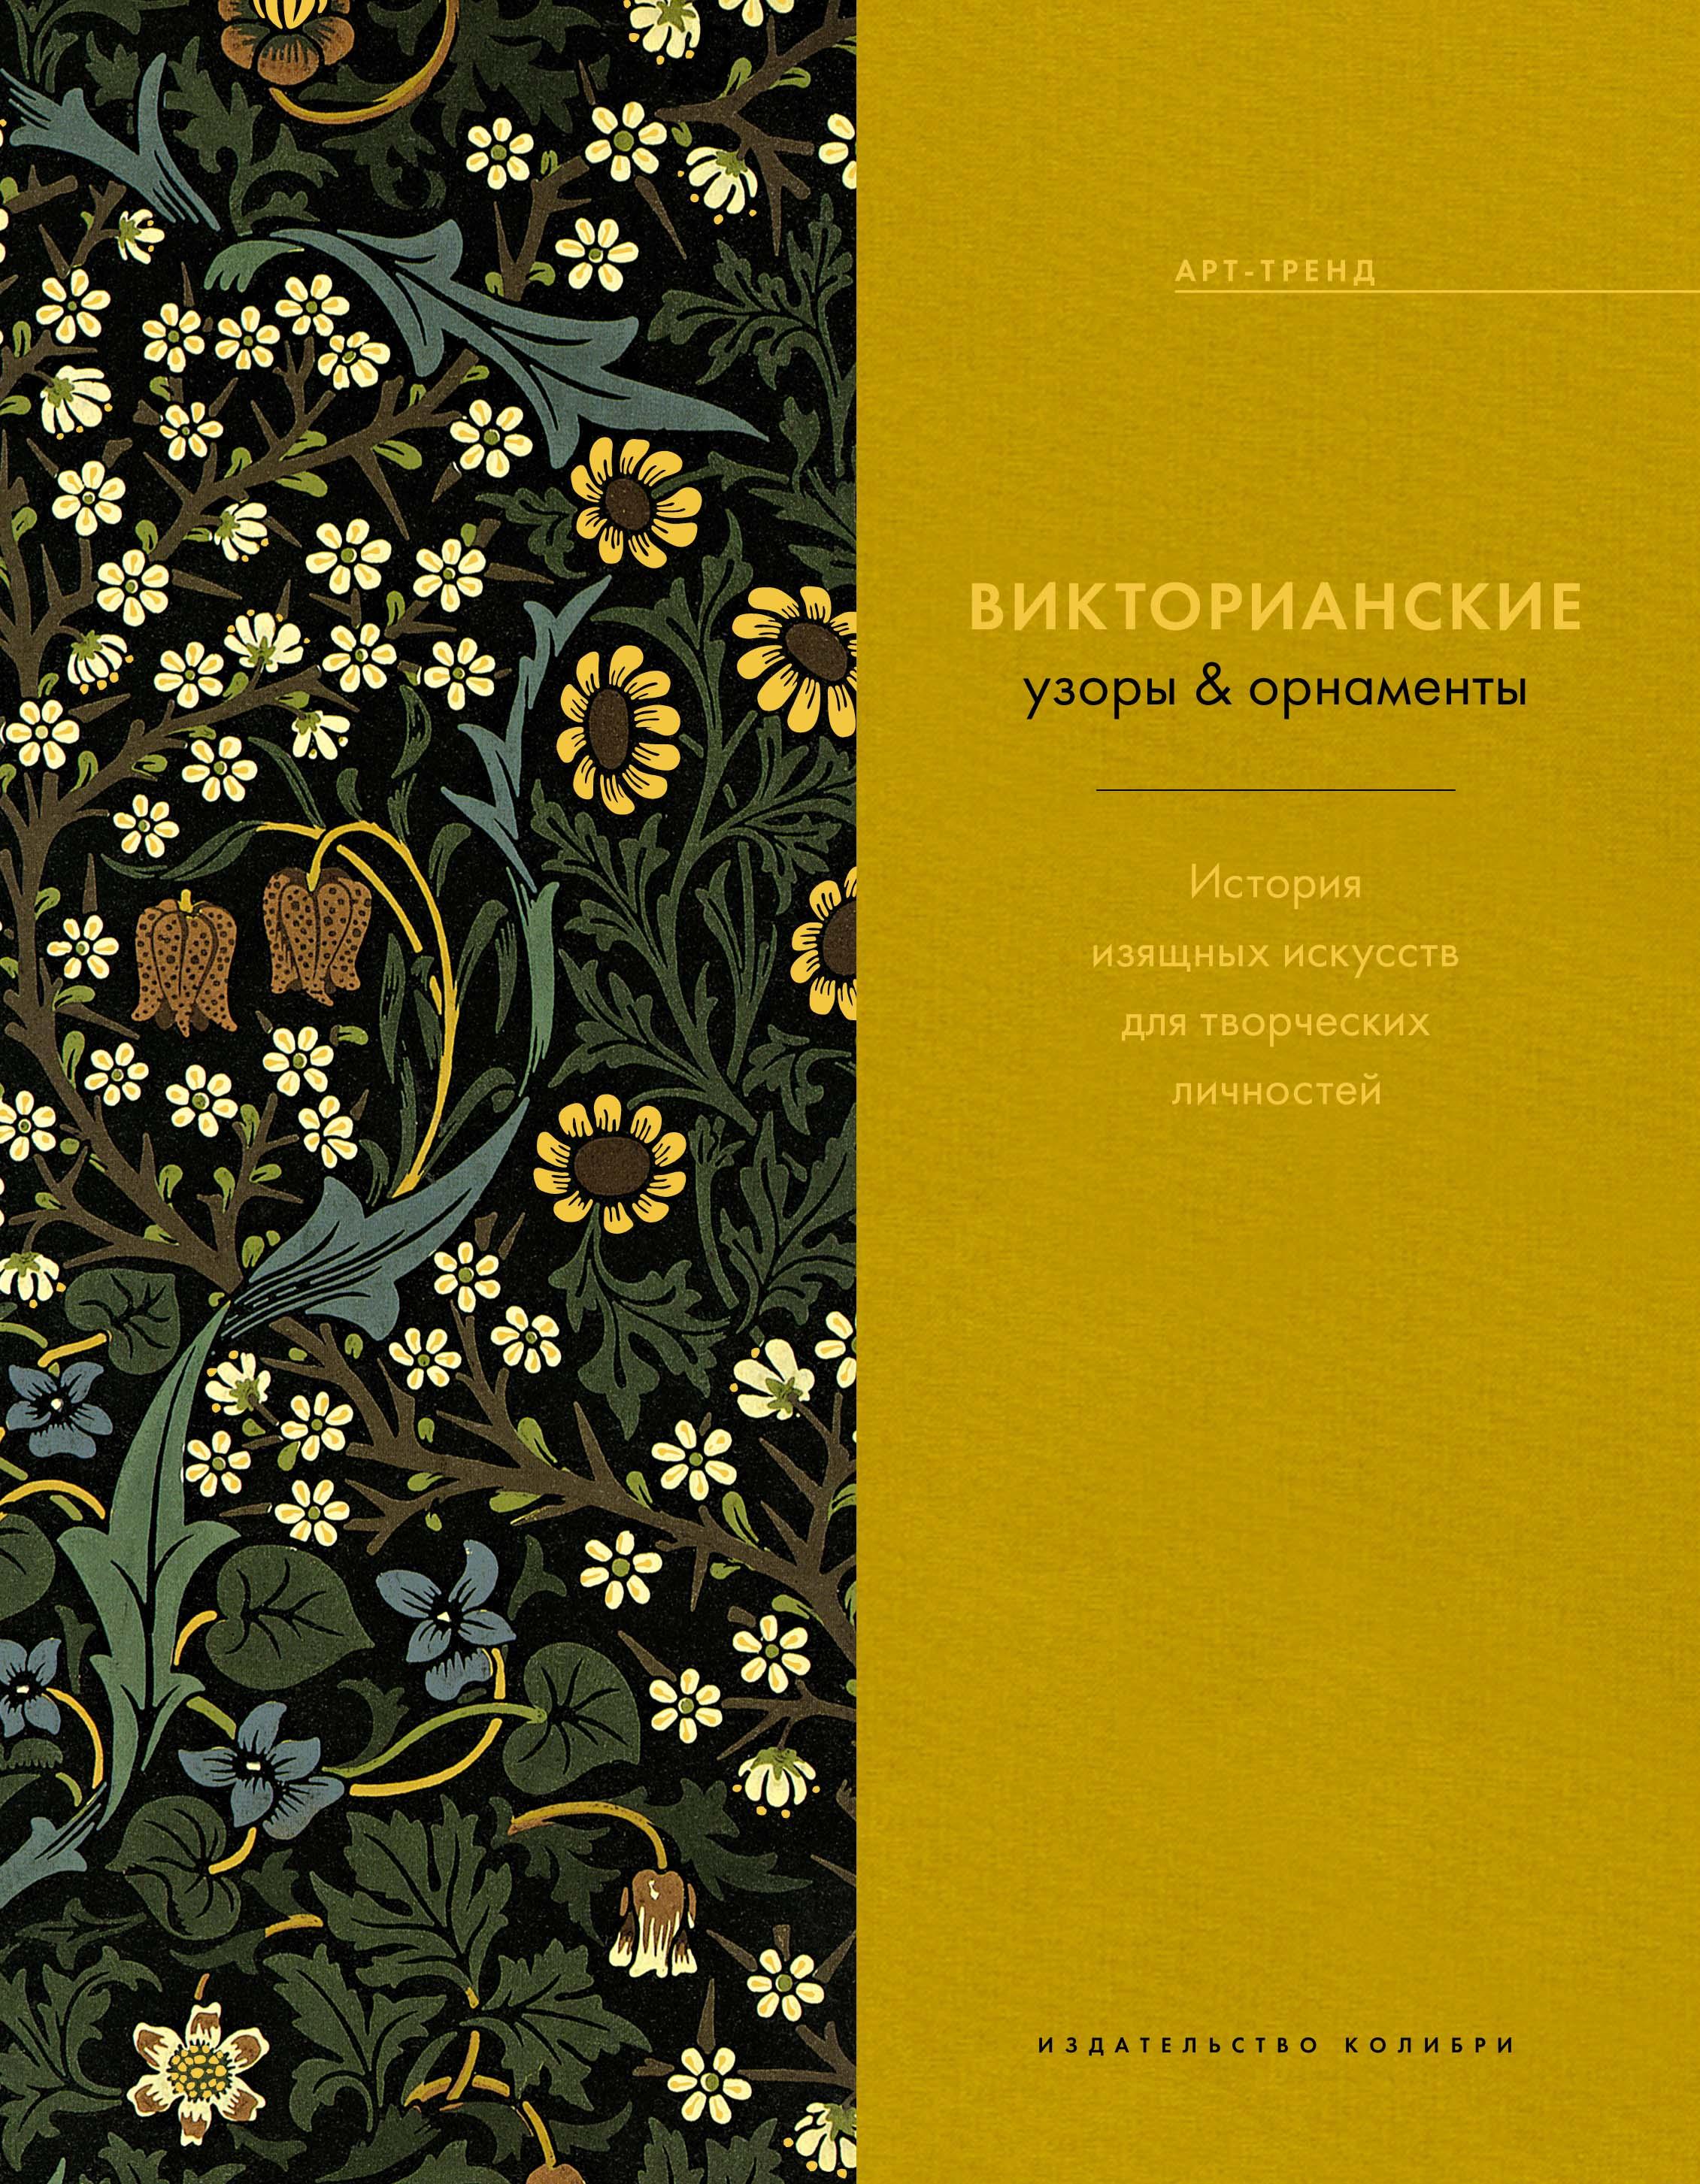 Книга Викторианские узоры & орнаменты, История изящных искусств для творческих личностей фото